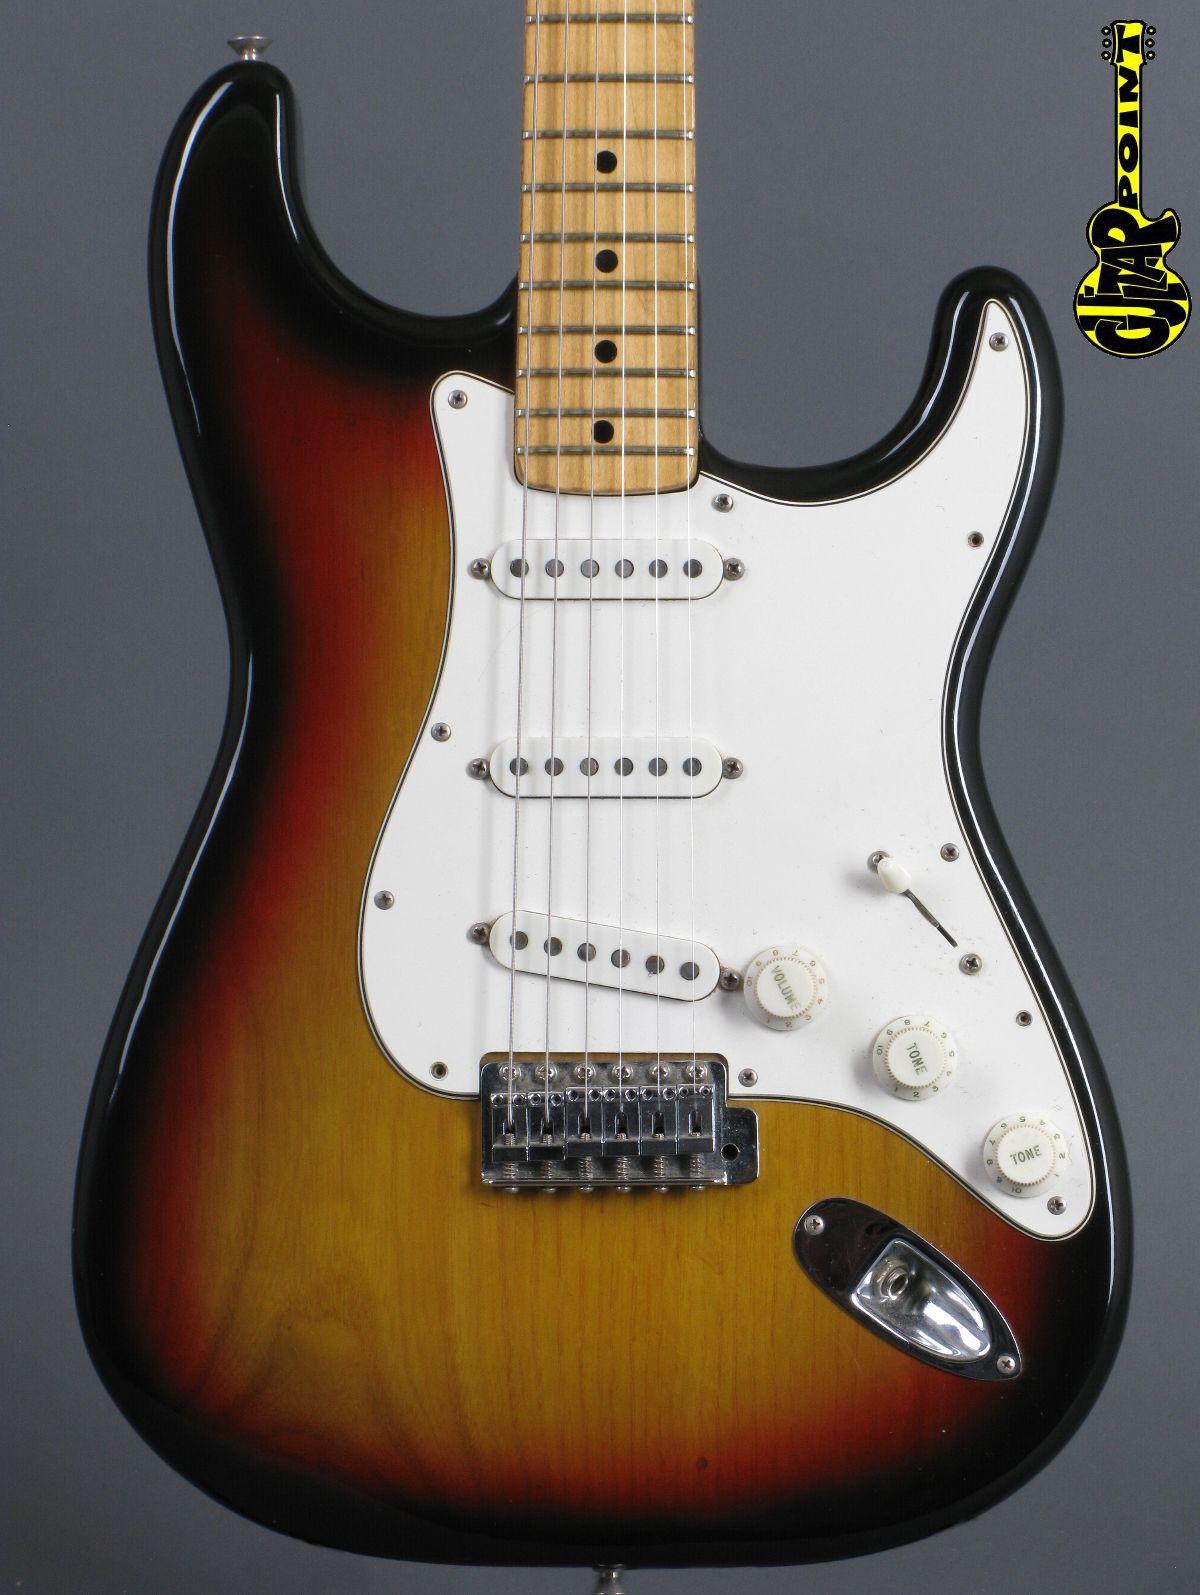 1975 Fender Stratocaster - 3-tone Sunburst